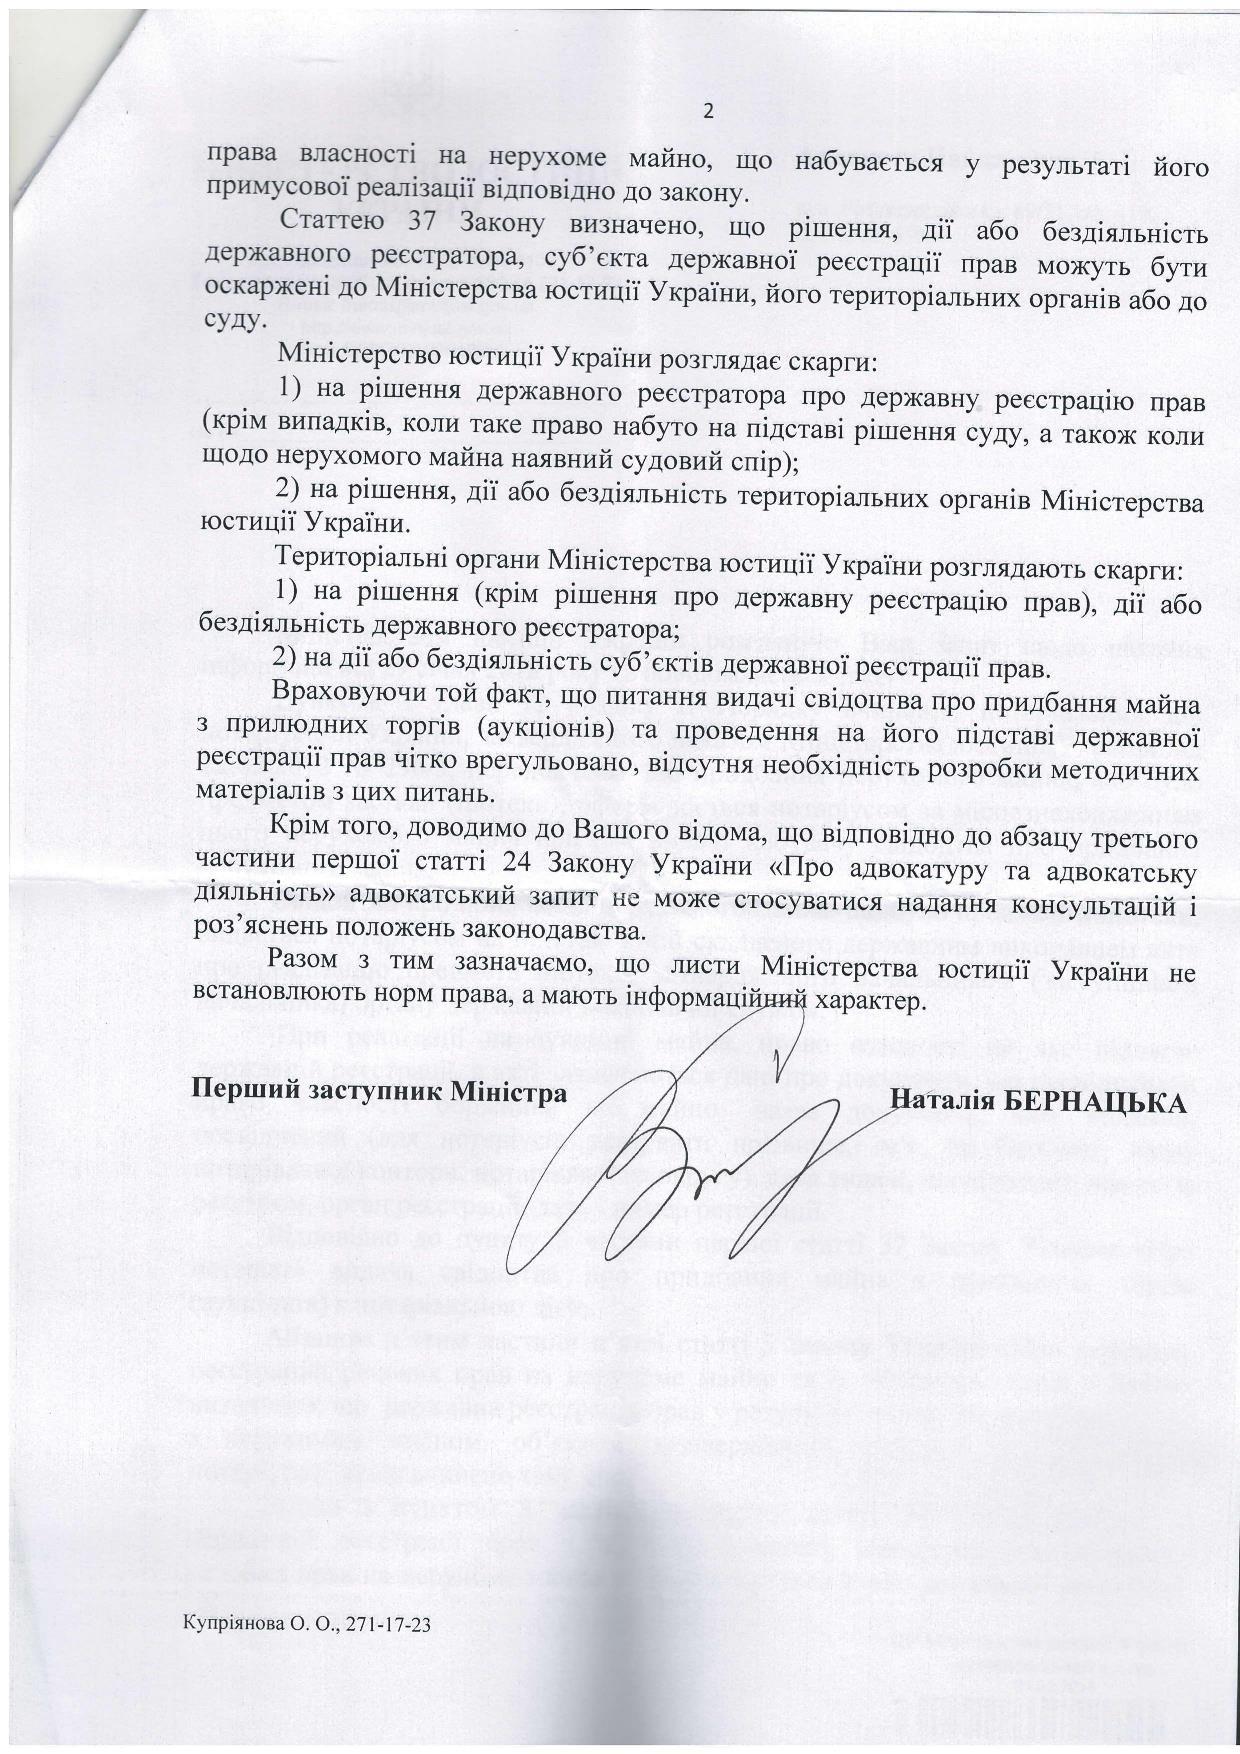 image http://forum.setam.net.ua/assets/images/79-z2I0rKjH6gez9Jzh.jpeg